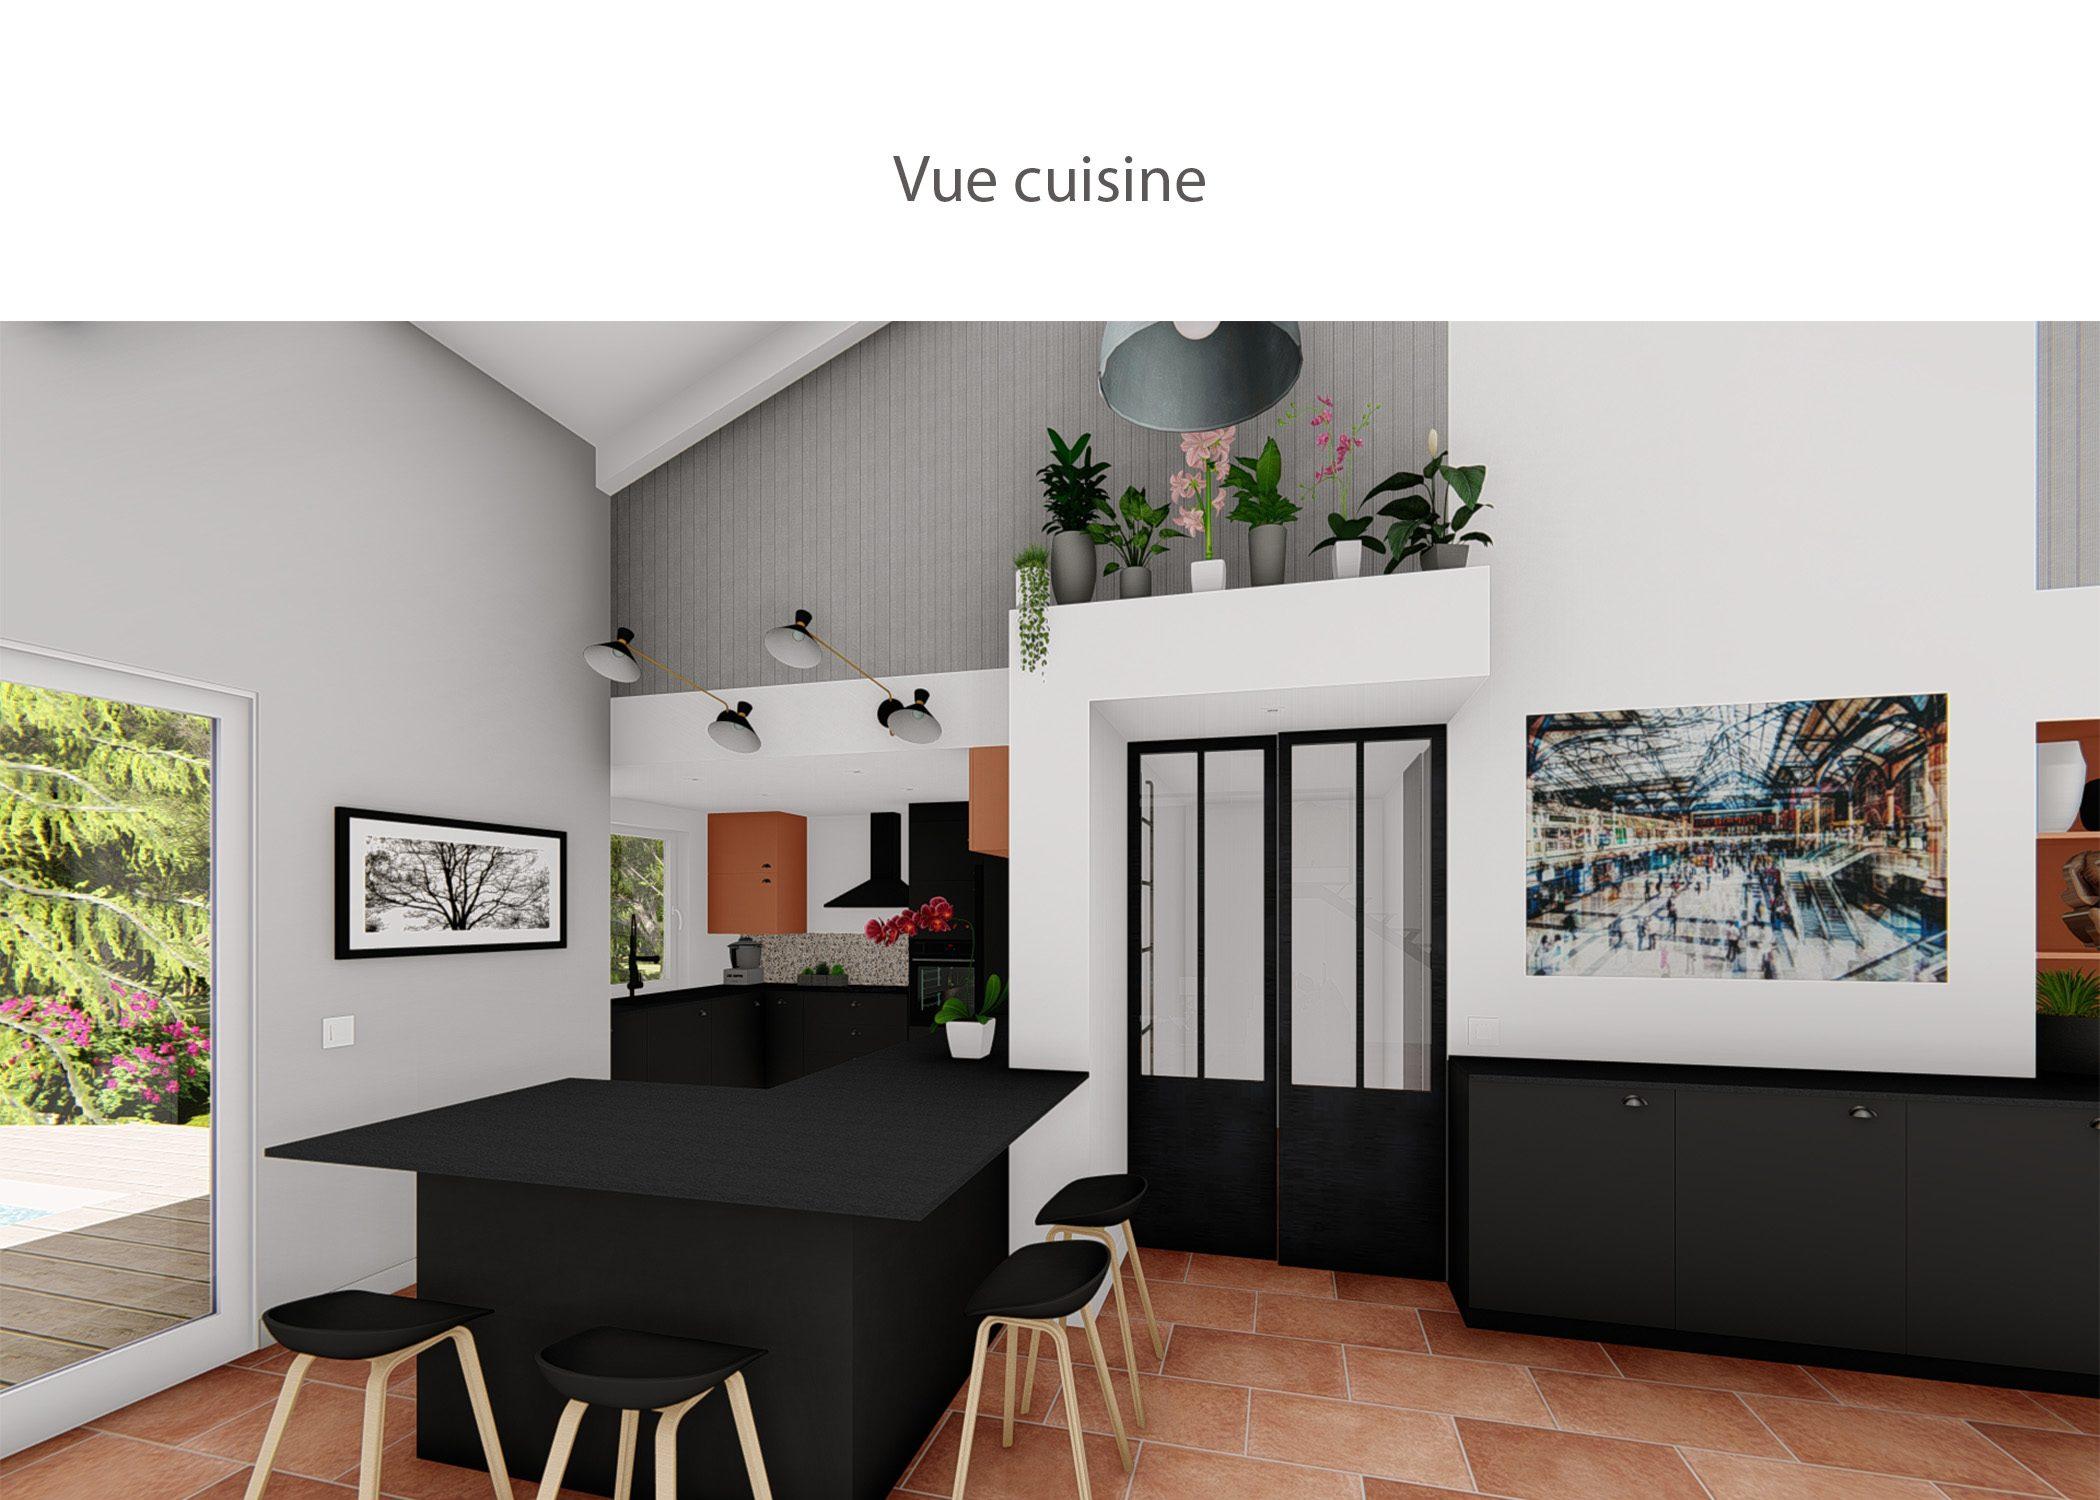 amenagement-decoration-cuisine fuveau-vue cuisine-dekho design